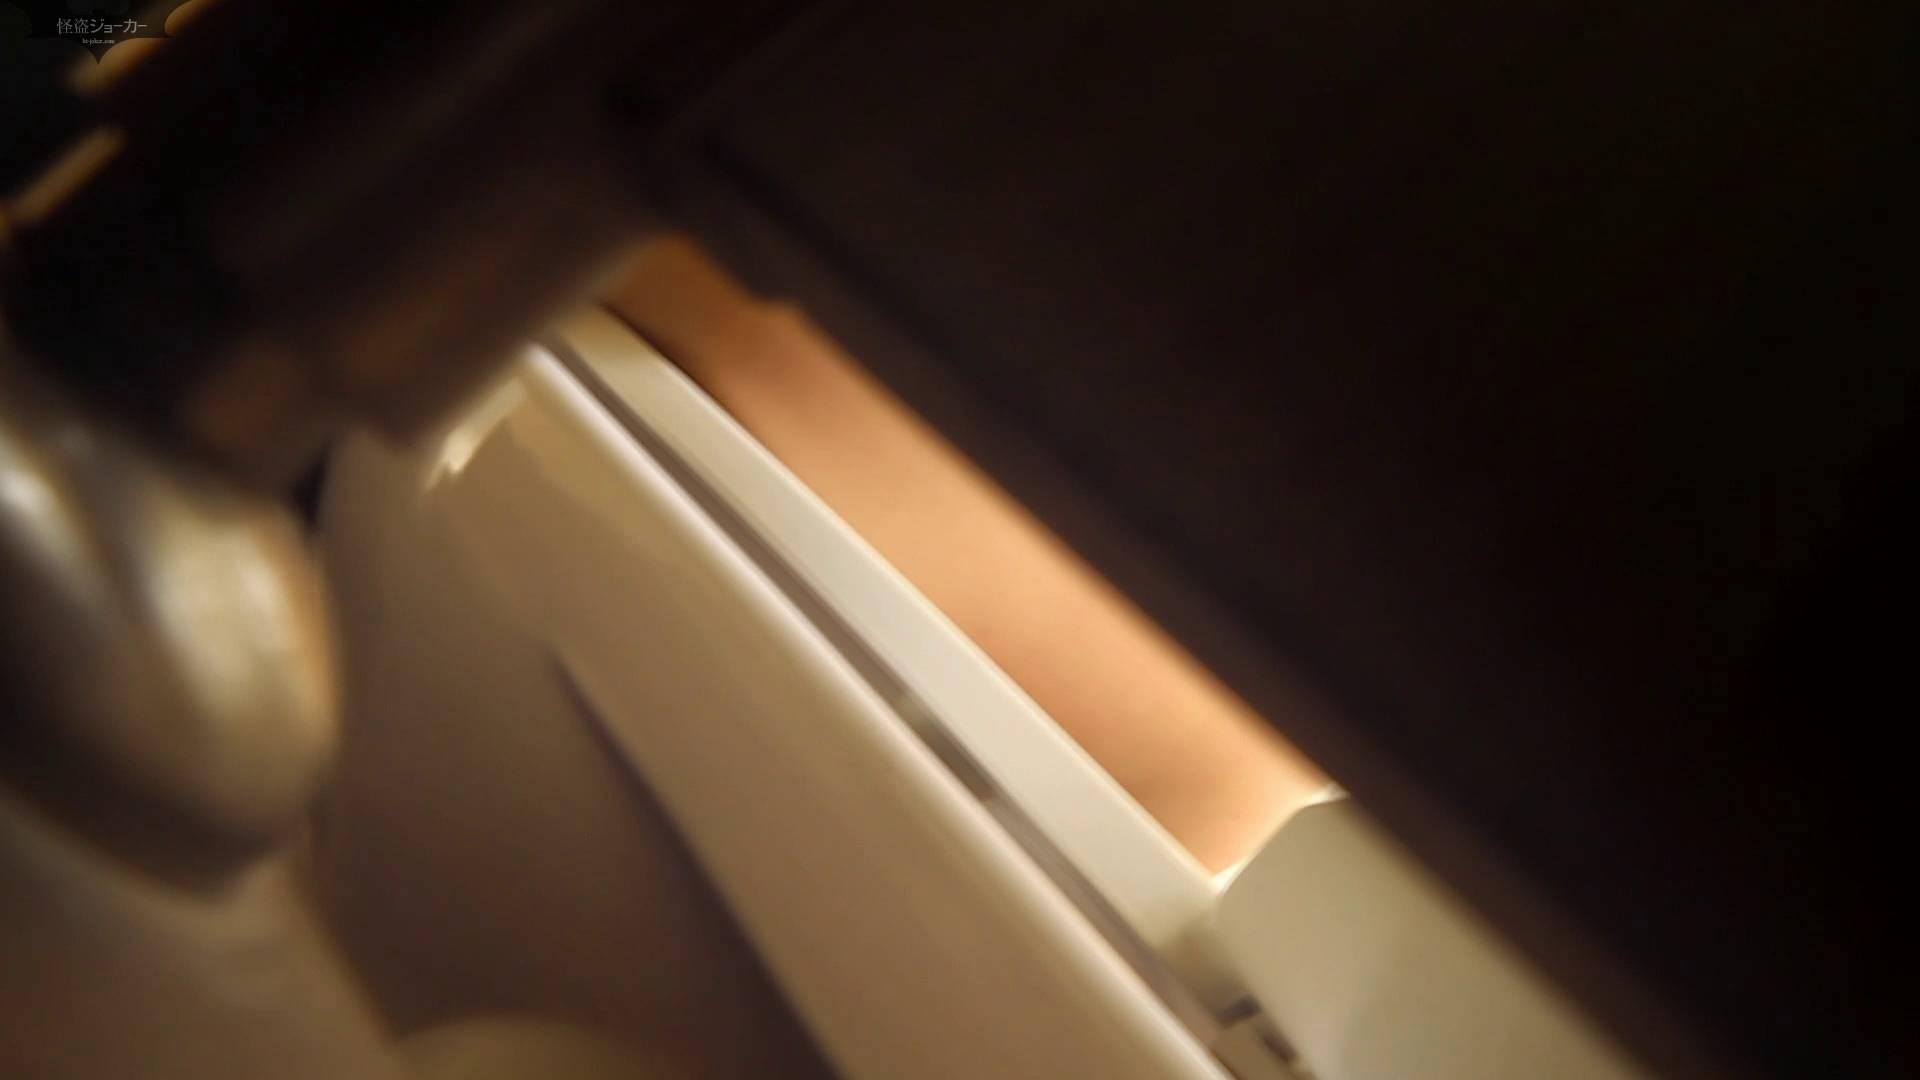 阿国ちゃんの和式洋式七変化 Vol.24 すっごくピクピクしてます。 洗面所  64PIX 33